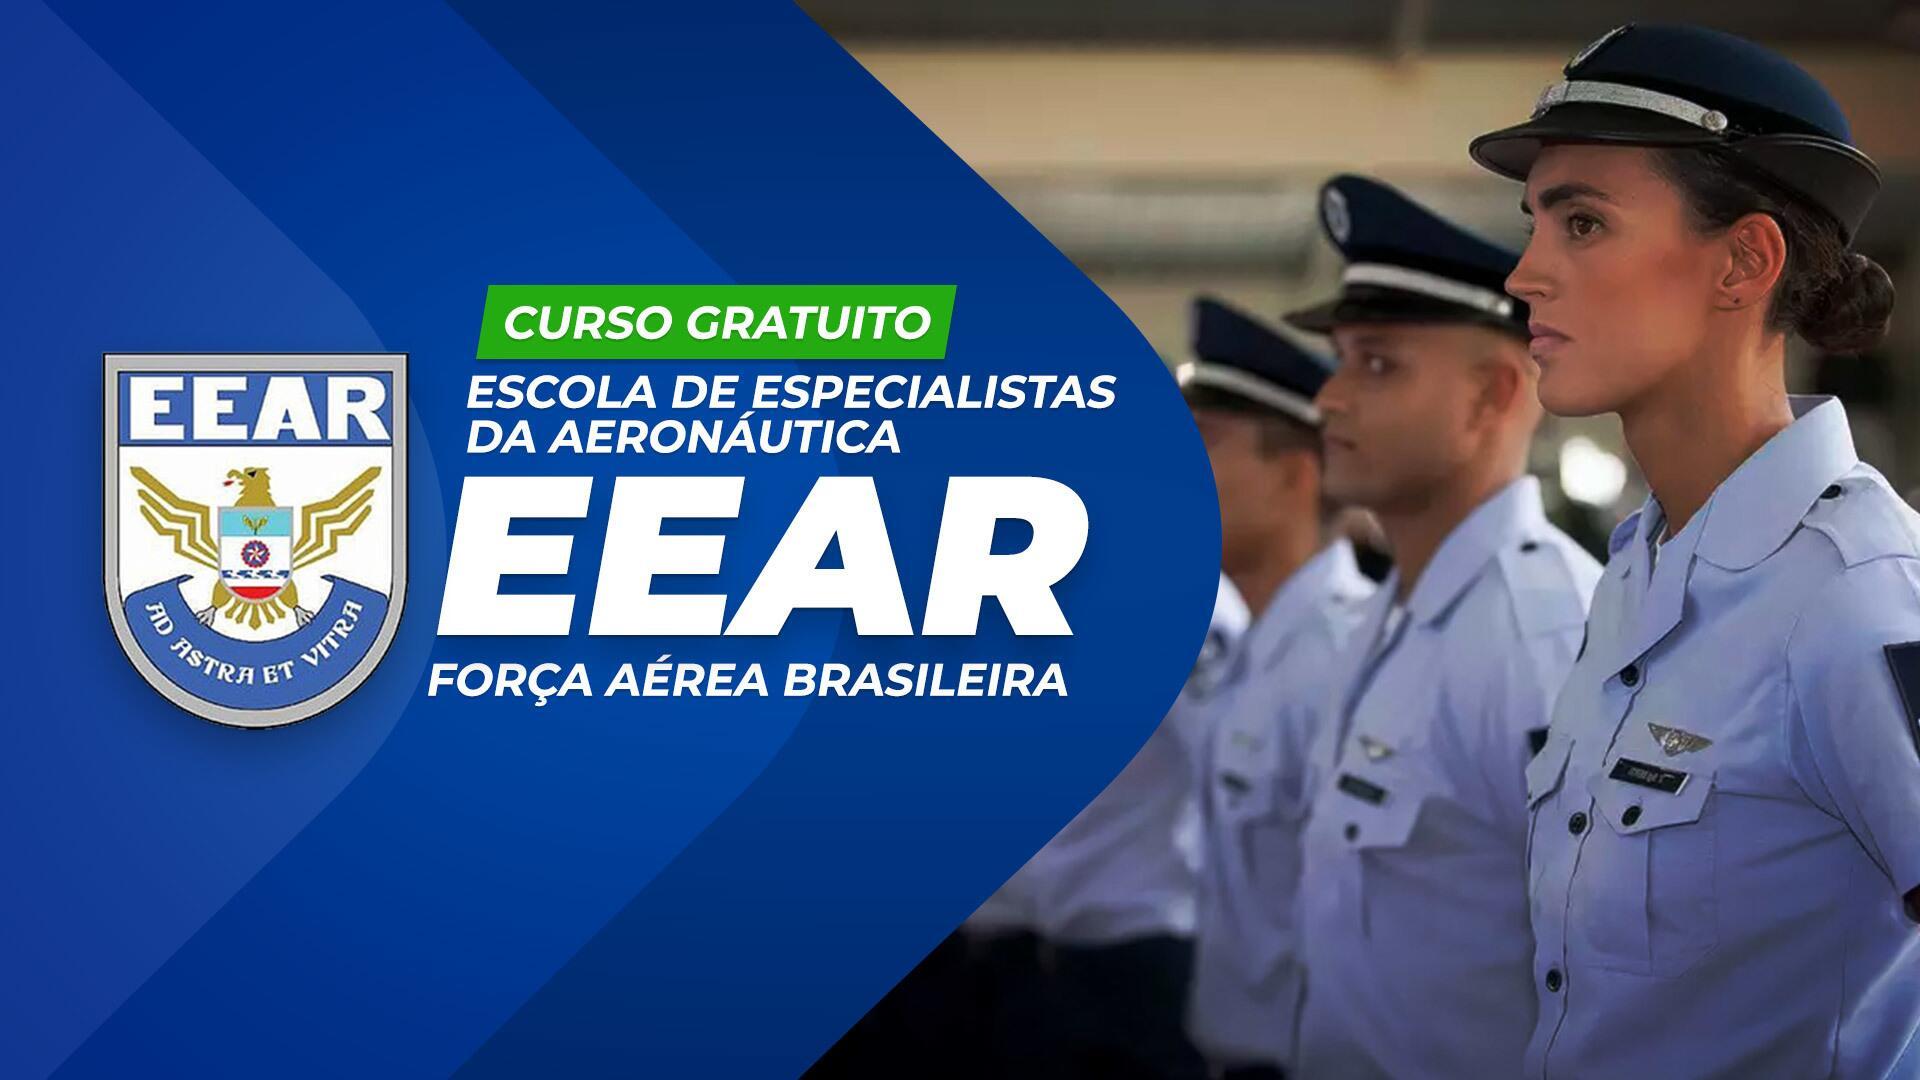 EEAR - Escola de Especialistas da Aeronáutica - Força Aérea Brasileira - FAB GRATUITO